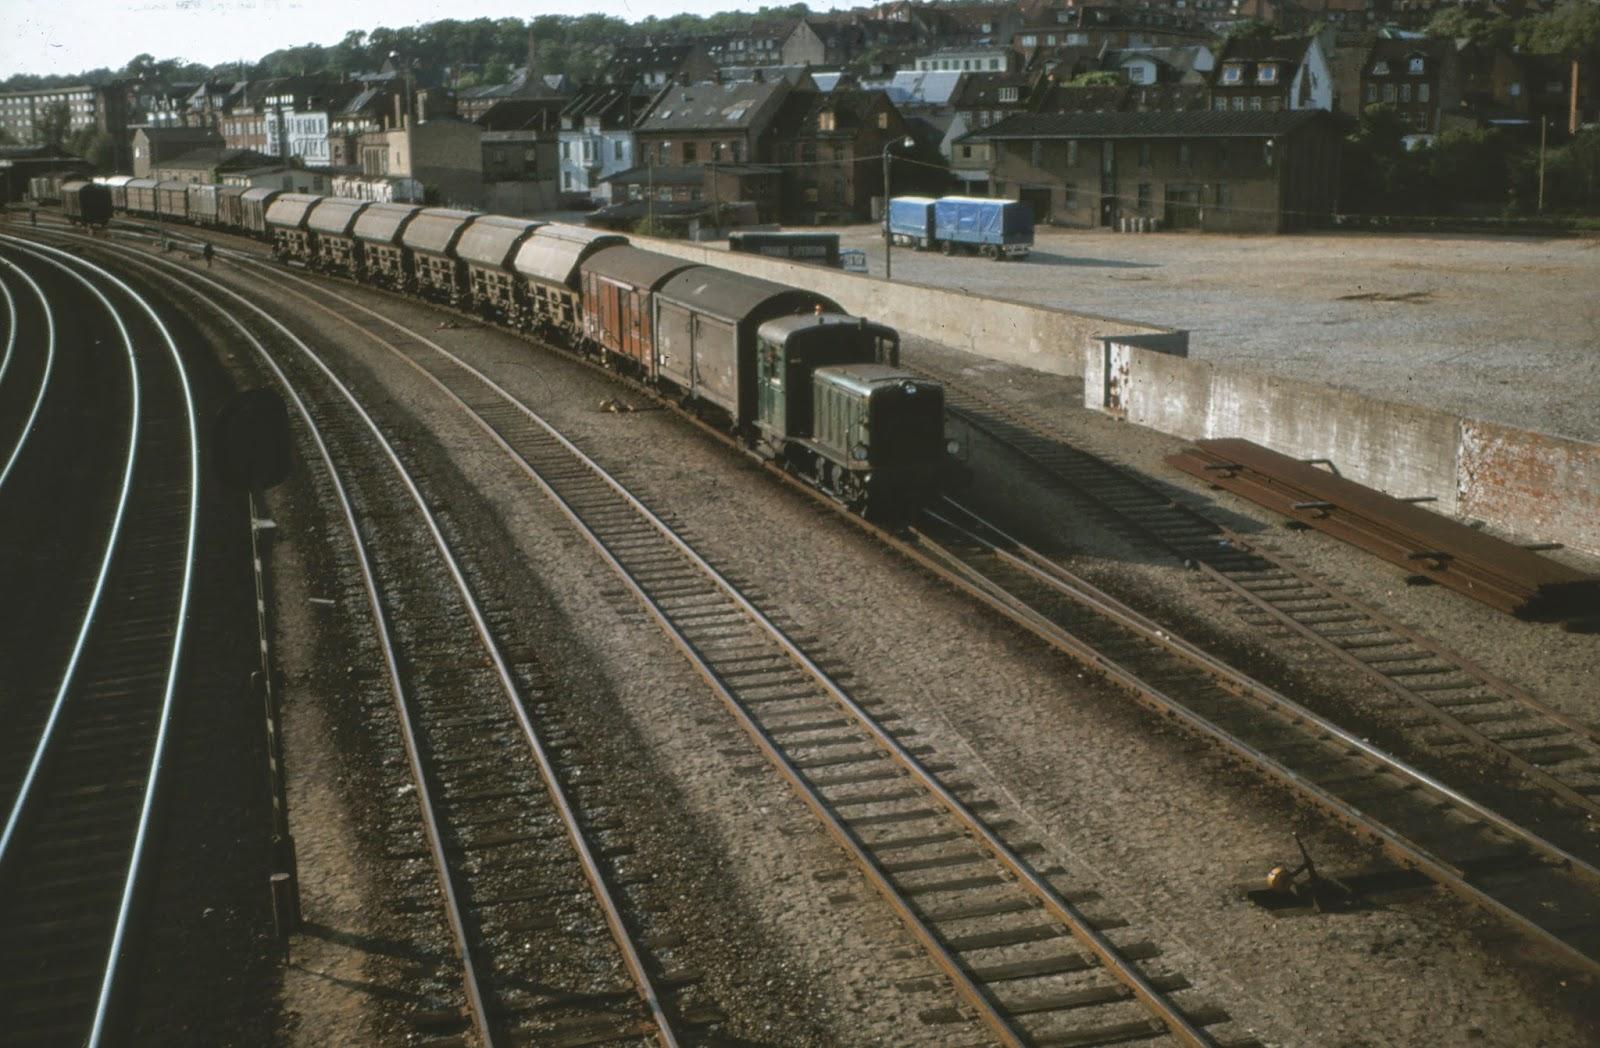 jernbane oplevelser, store og små: Havnebanen i Randers.